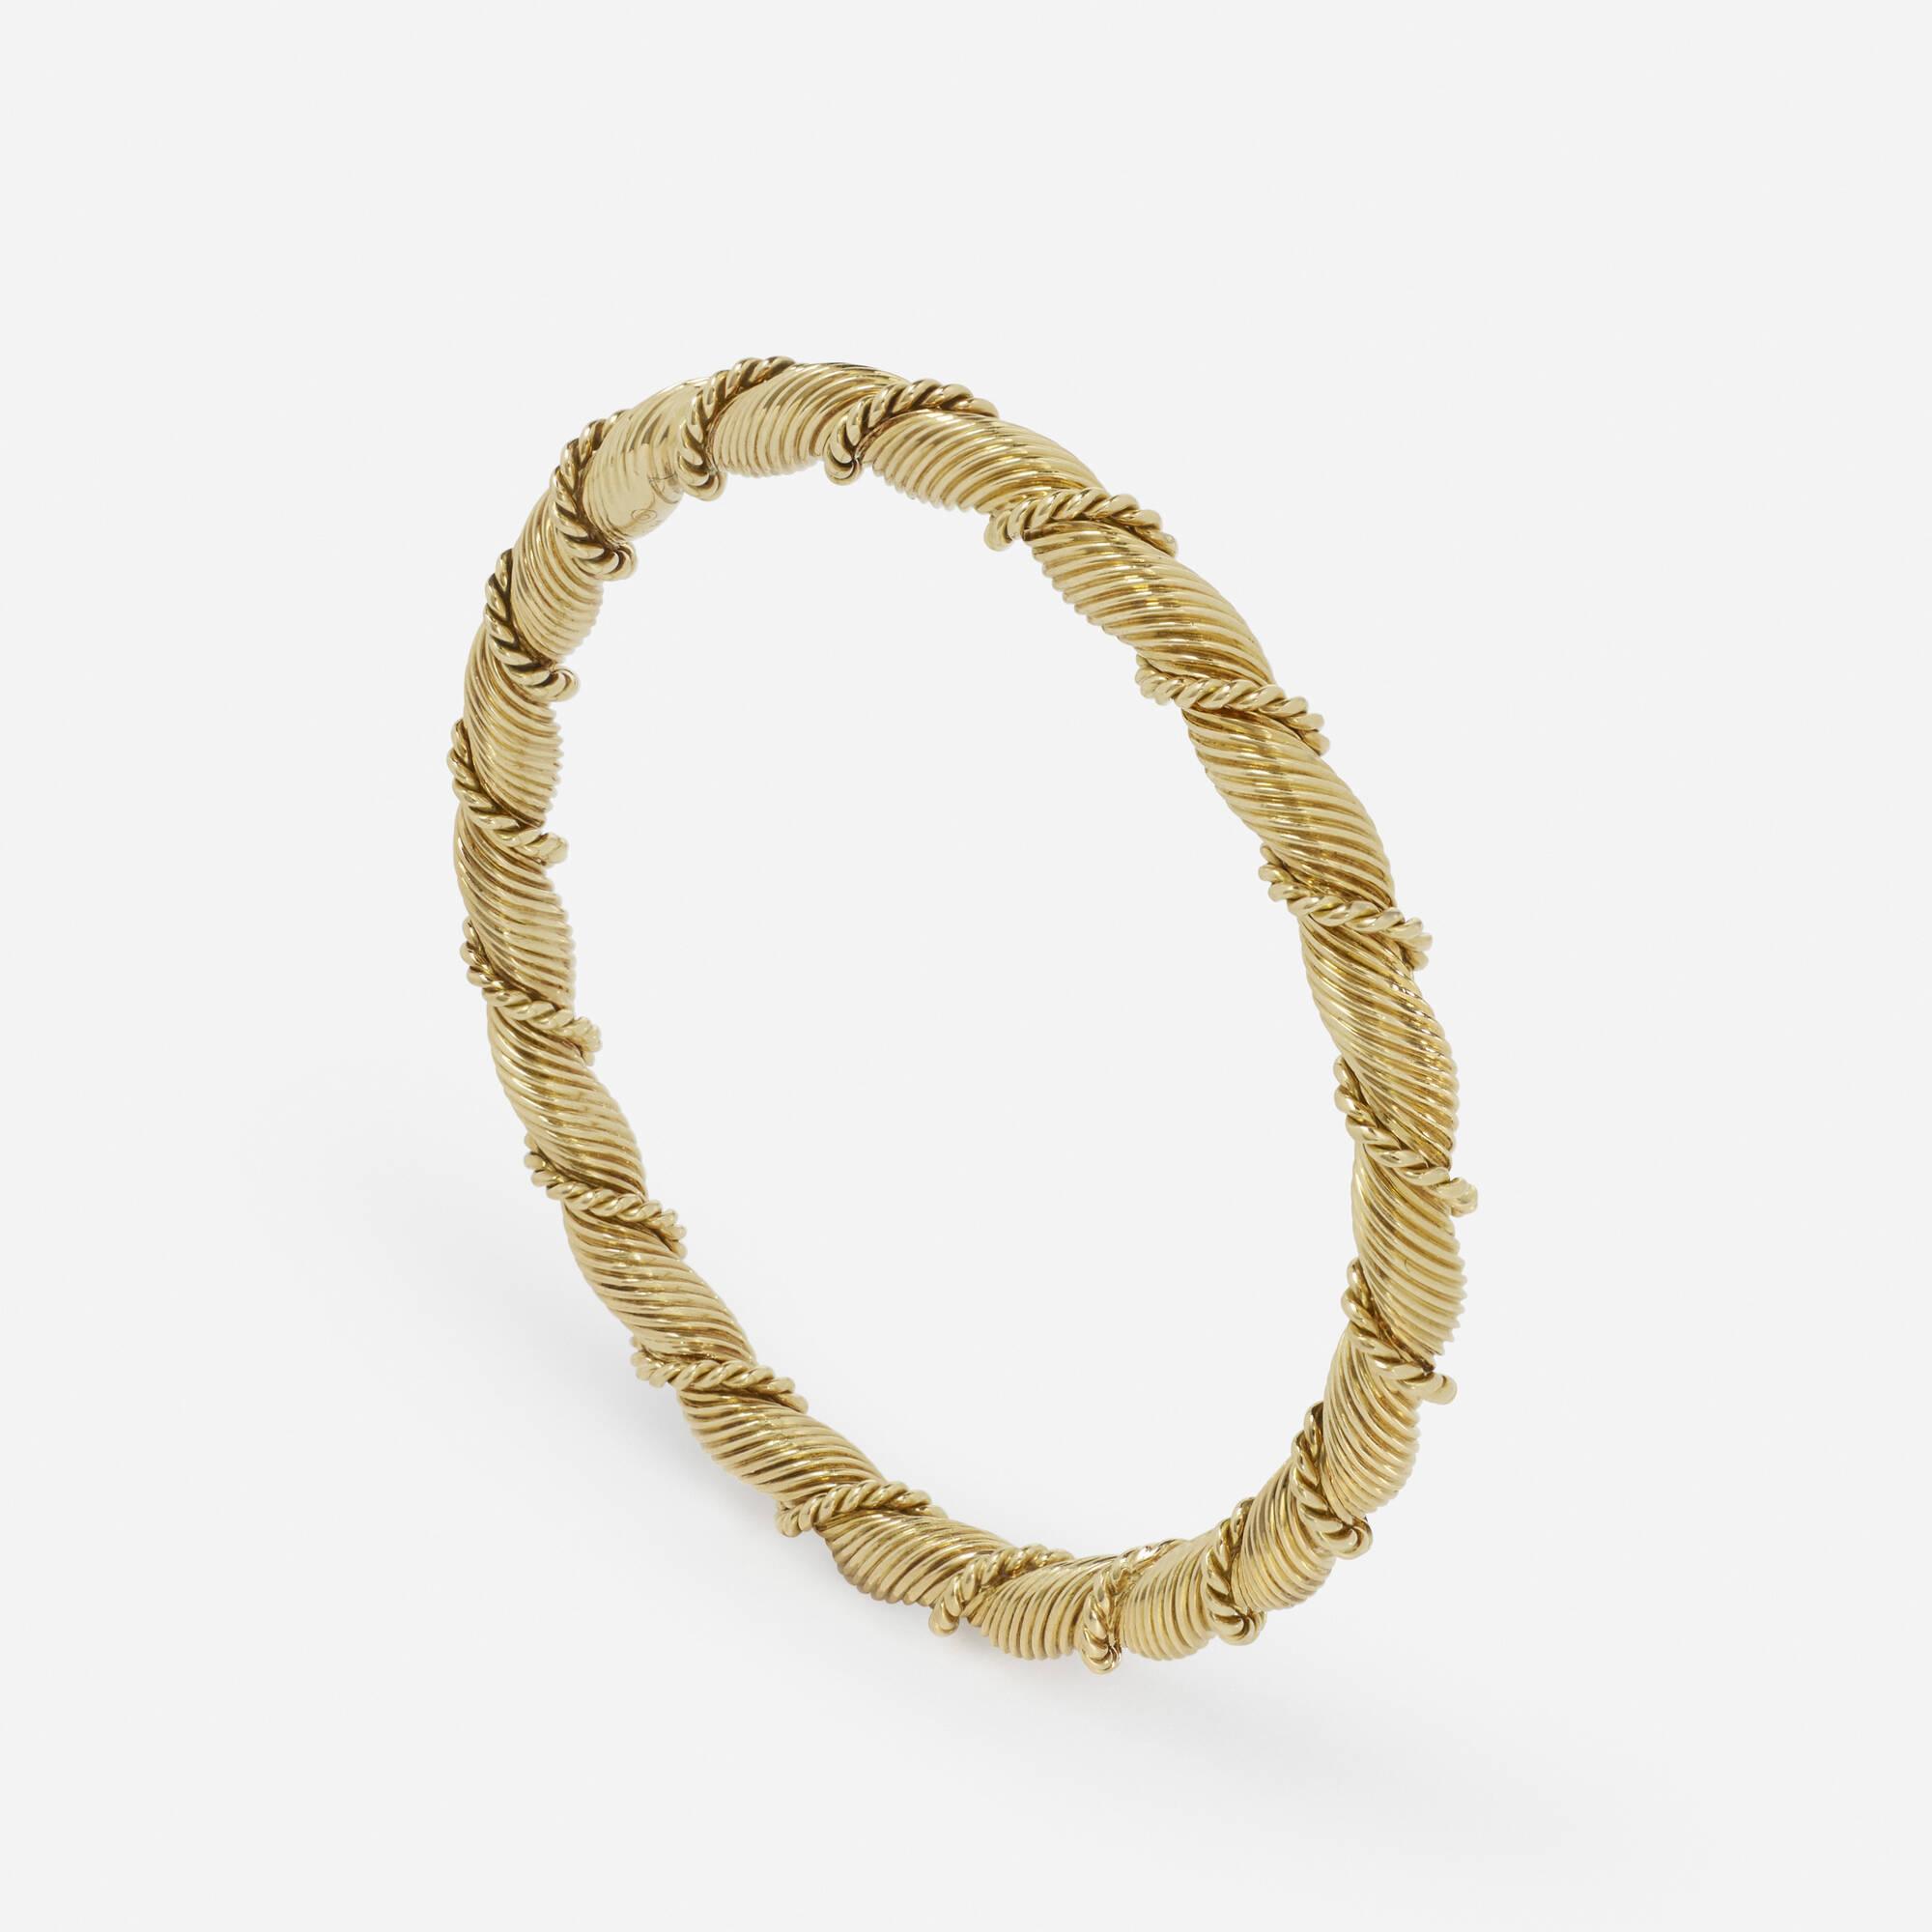 158: Van Cleef & Arpels / A gold Paris bangle (1 of 2)